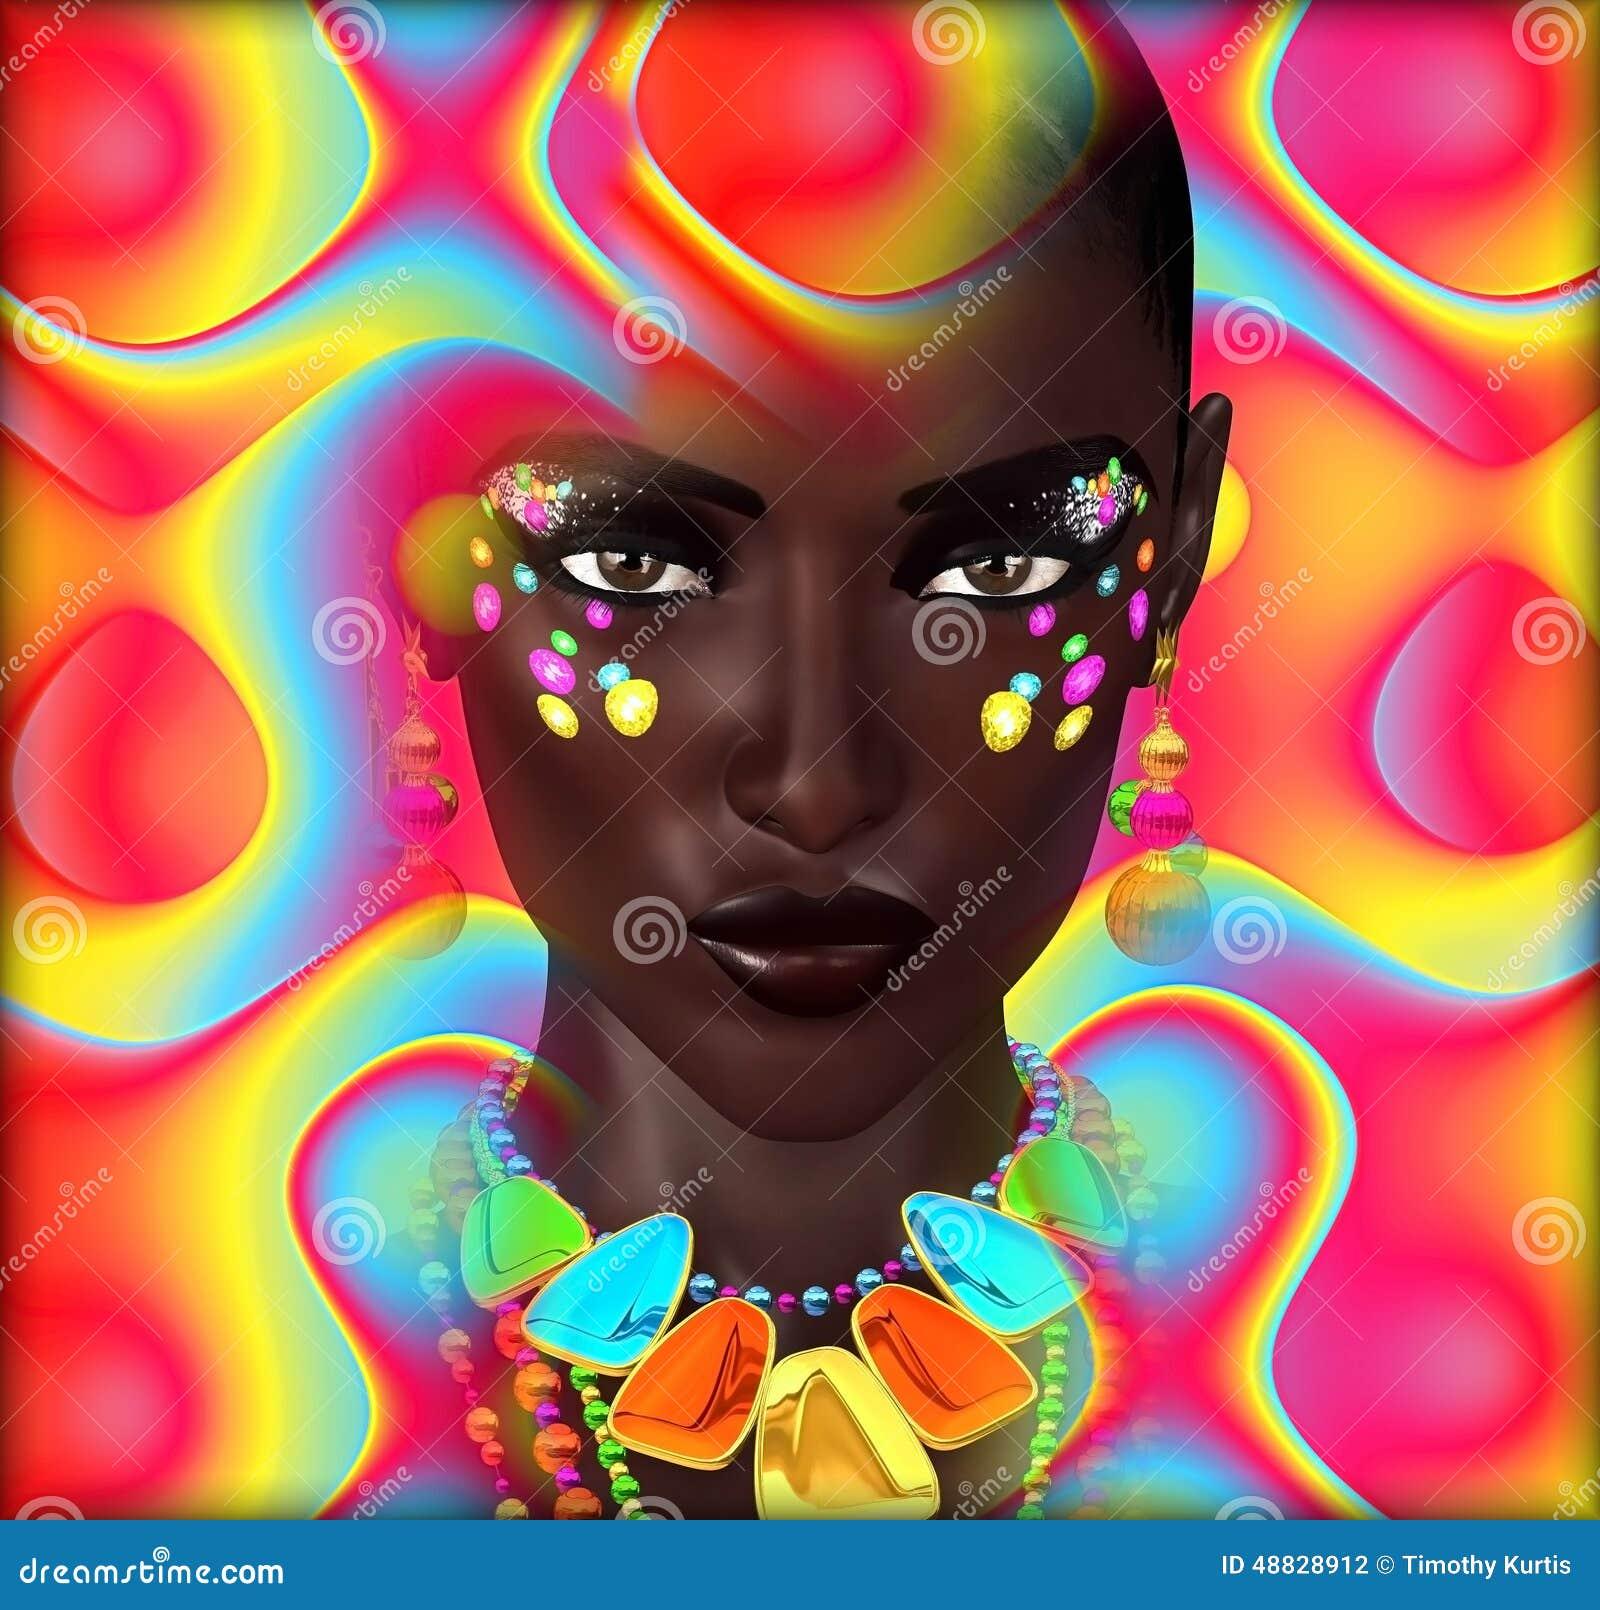 image-num%C3%A9rique-abstraite-d-art-de-la-fin-du-visage-d-une-femme-48828912